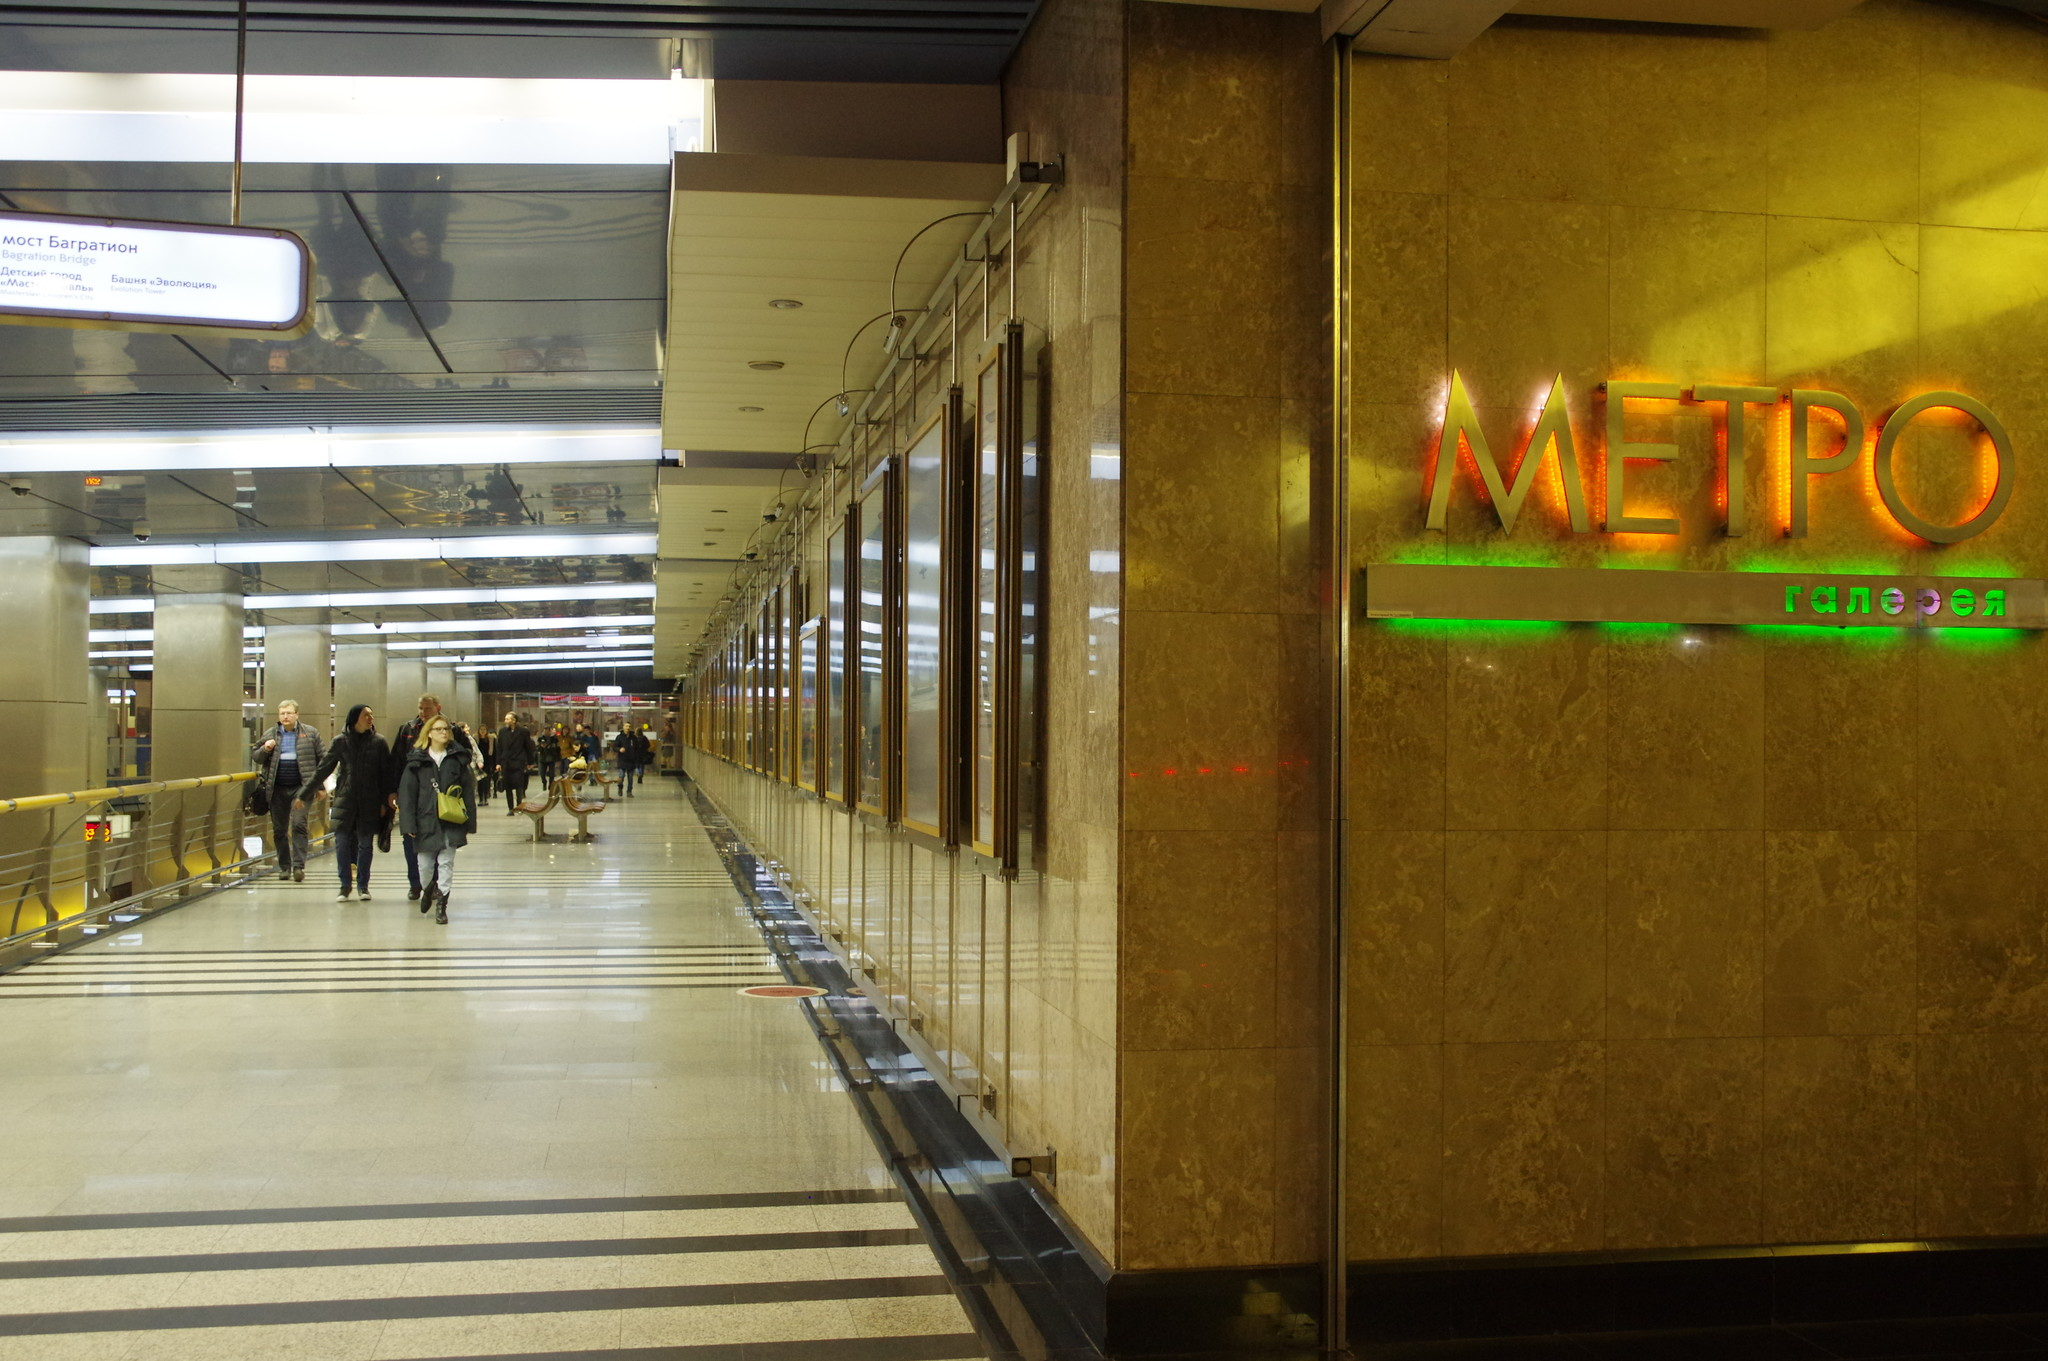 Галерея «Метро» на станции «Выставочная» Московского метрополитена